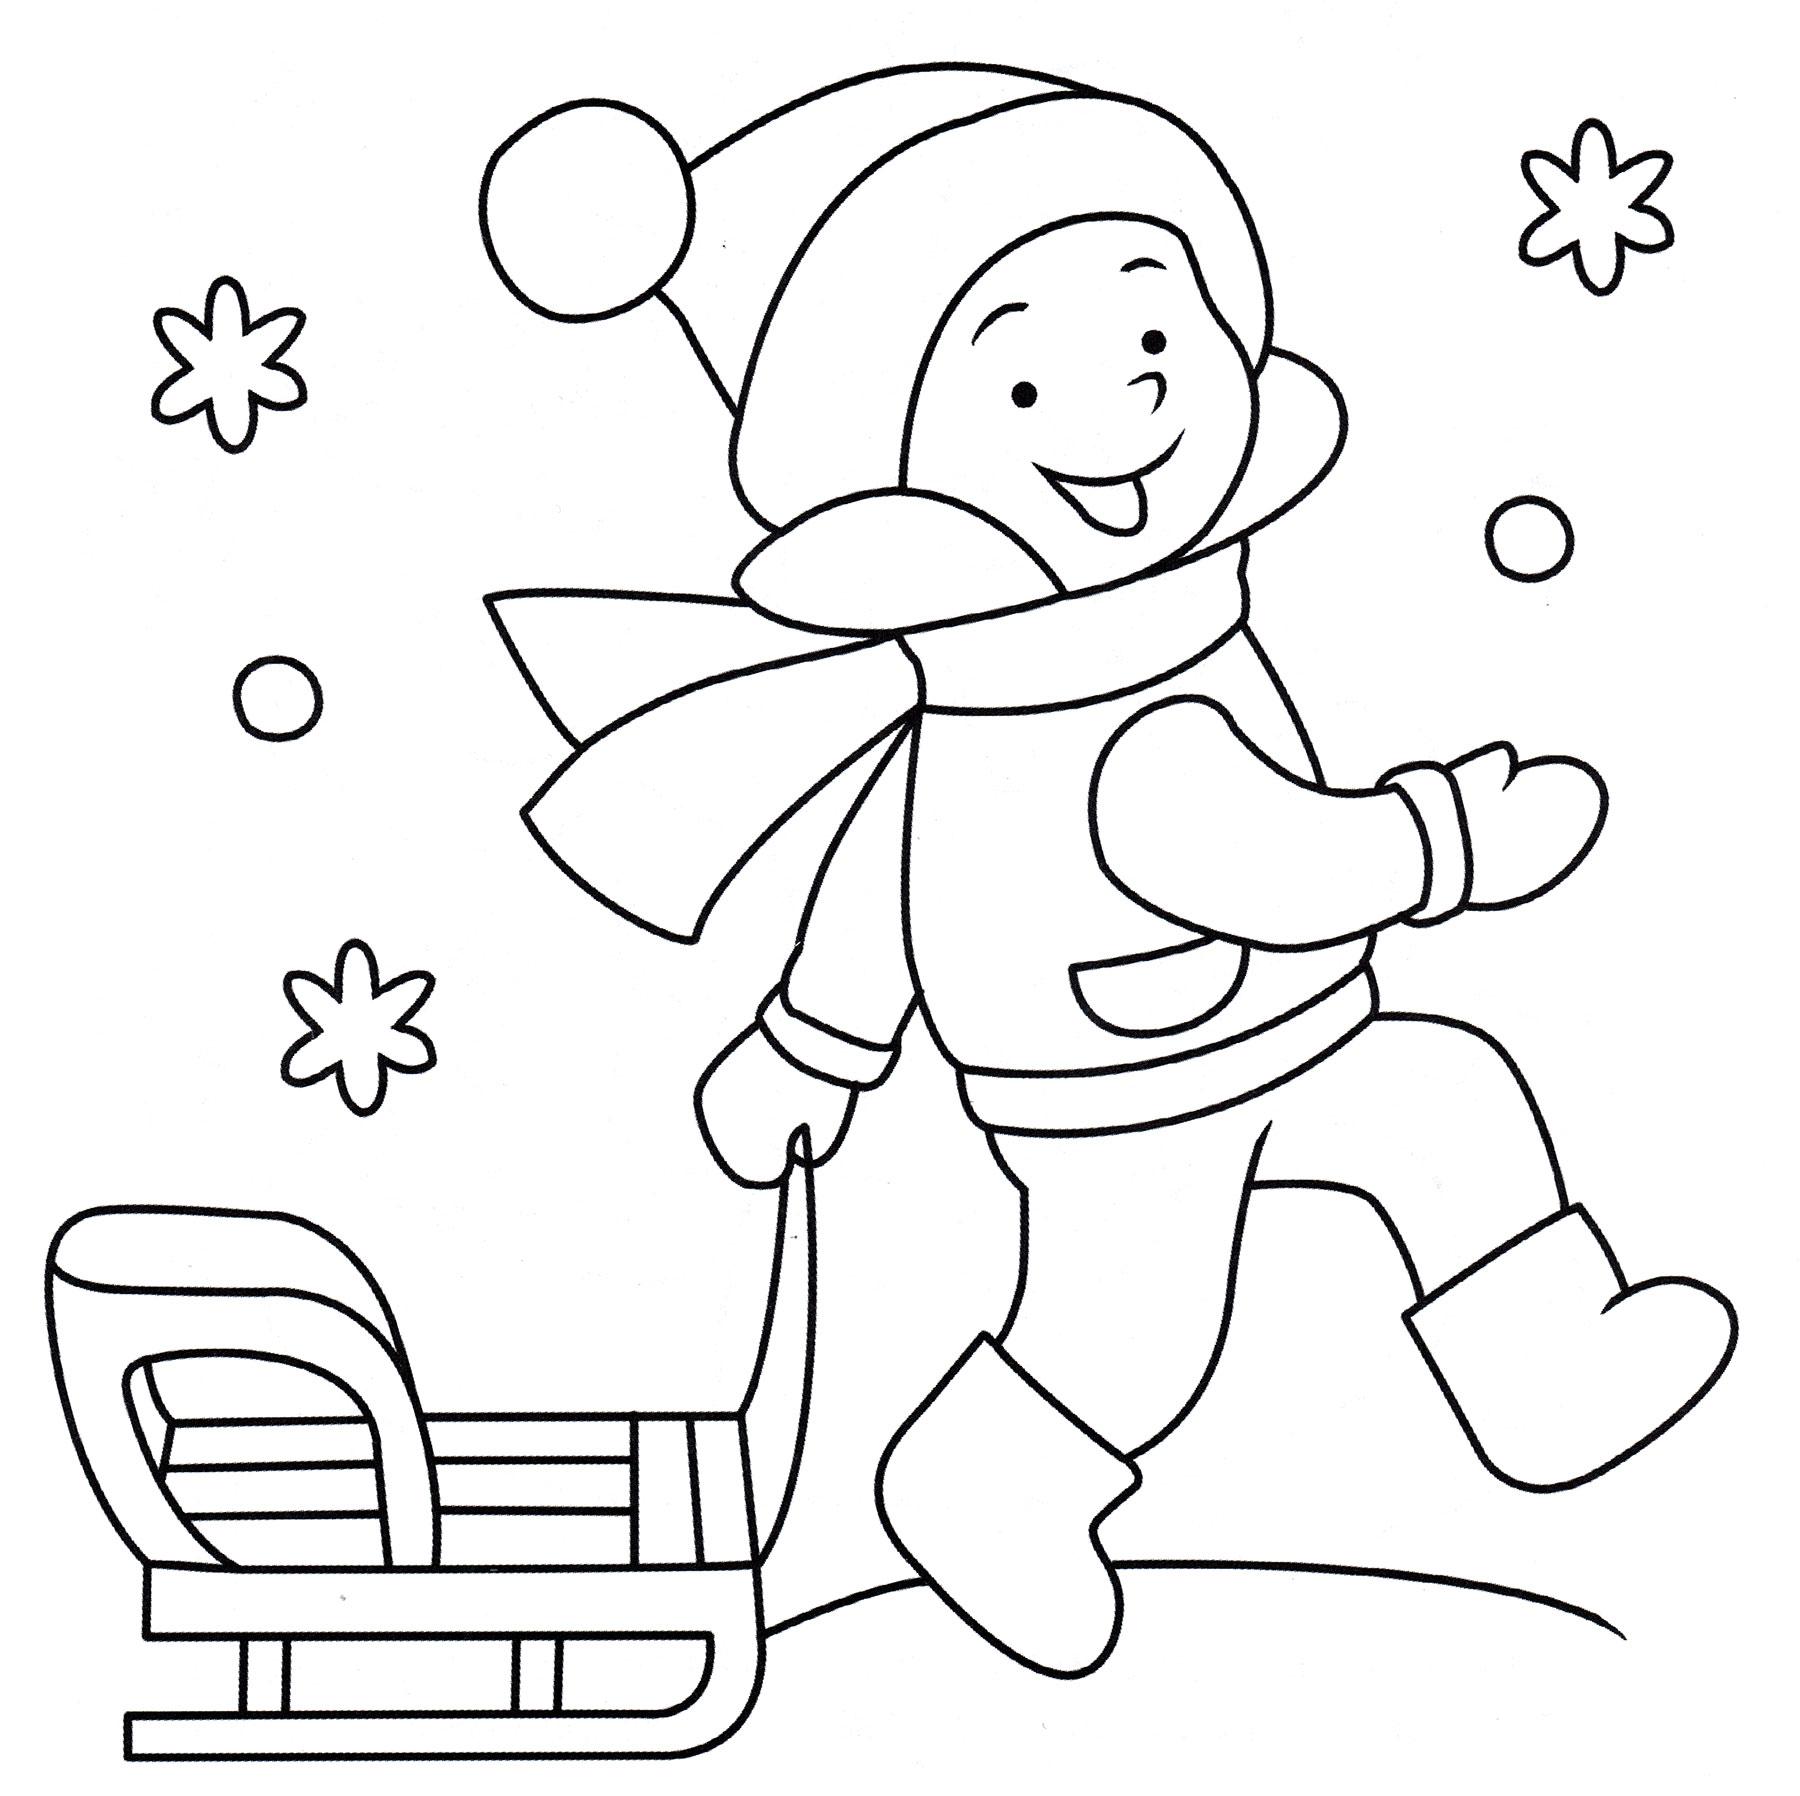 Раскраска Мальчик с санками - распечатать бесплатно